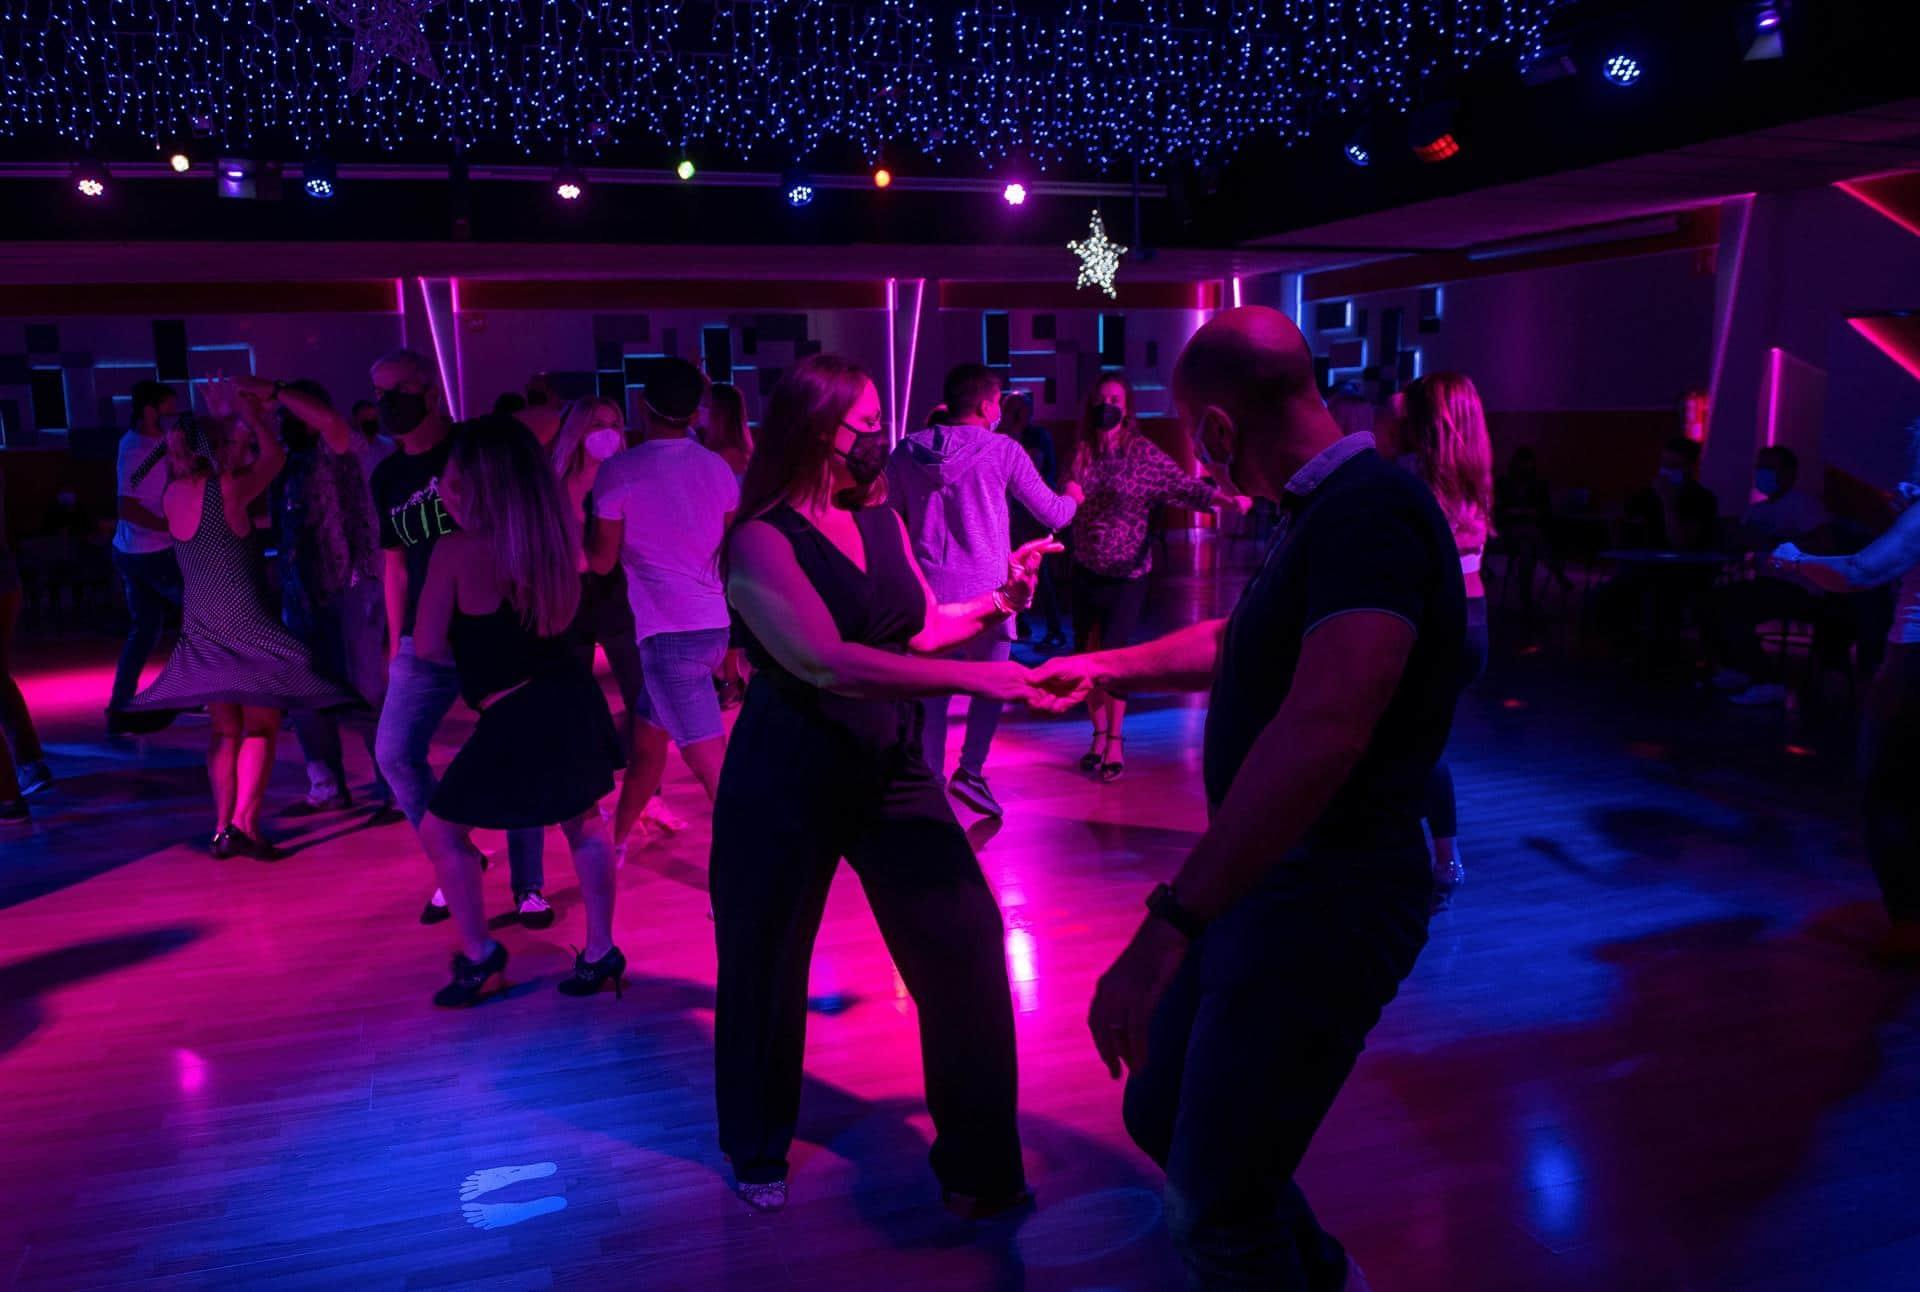 España reabre bares y discotecas tras permanecer cerrados por el covid